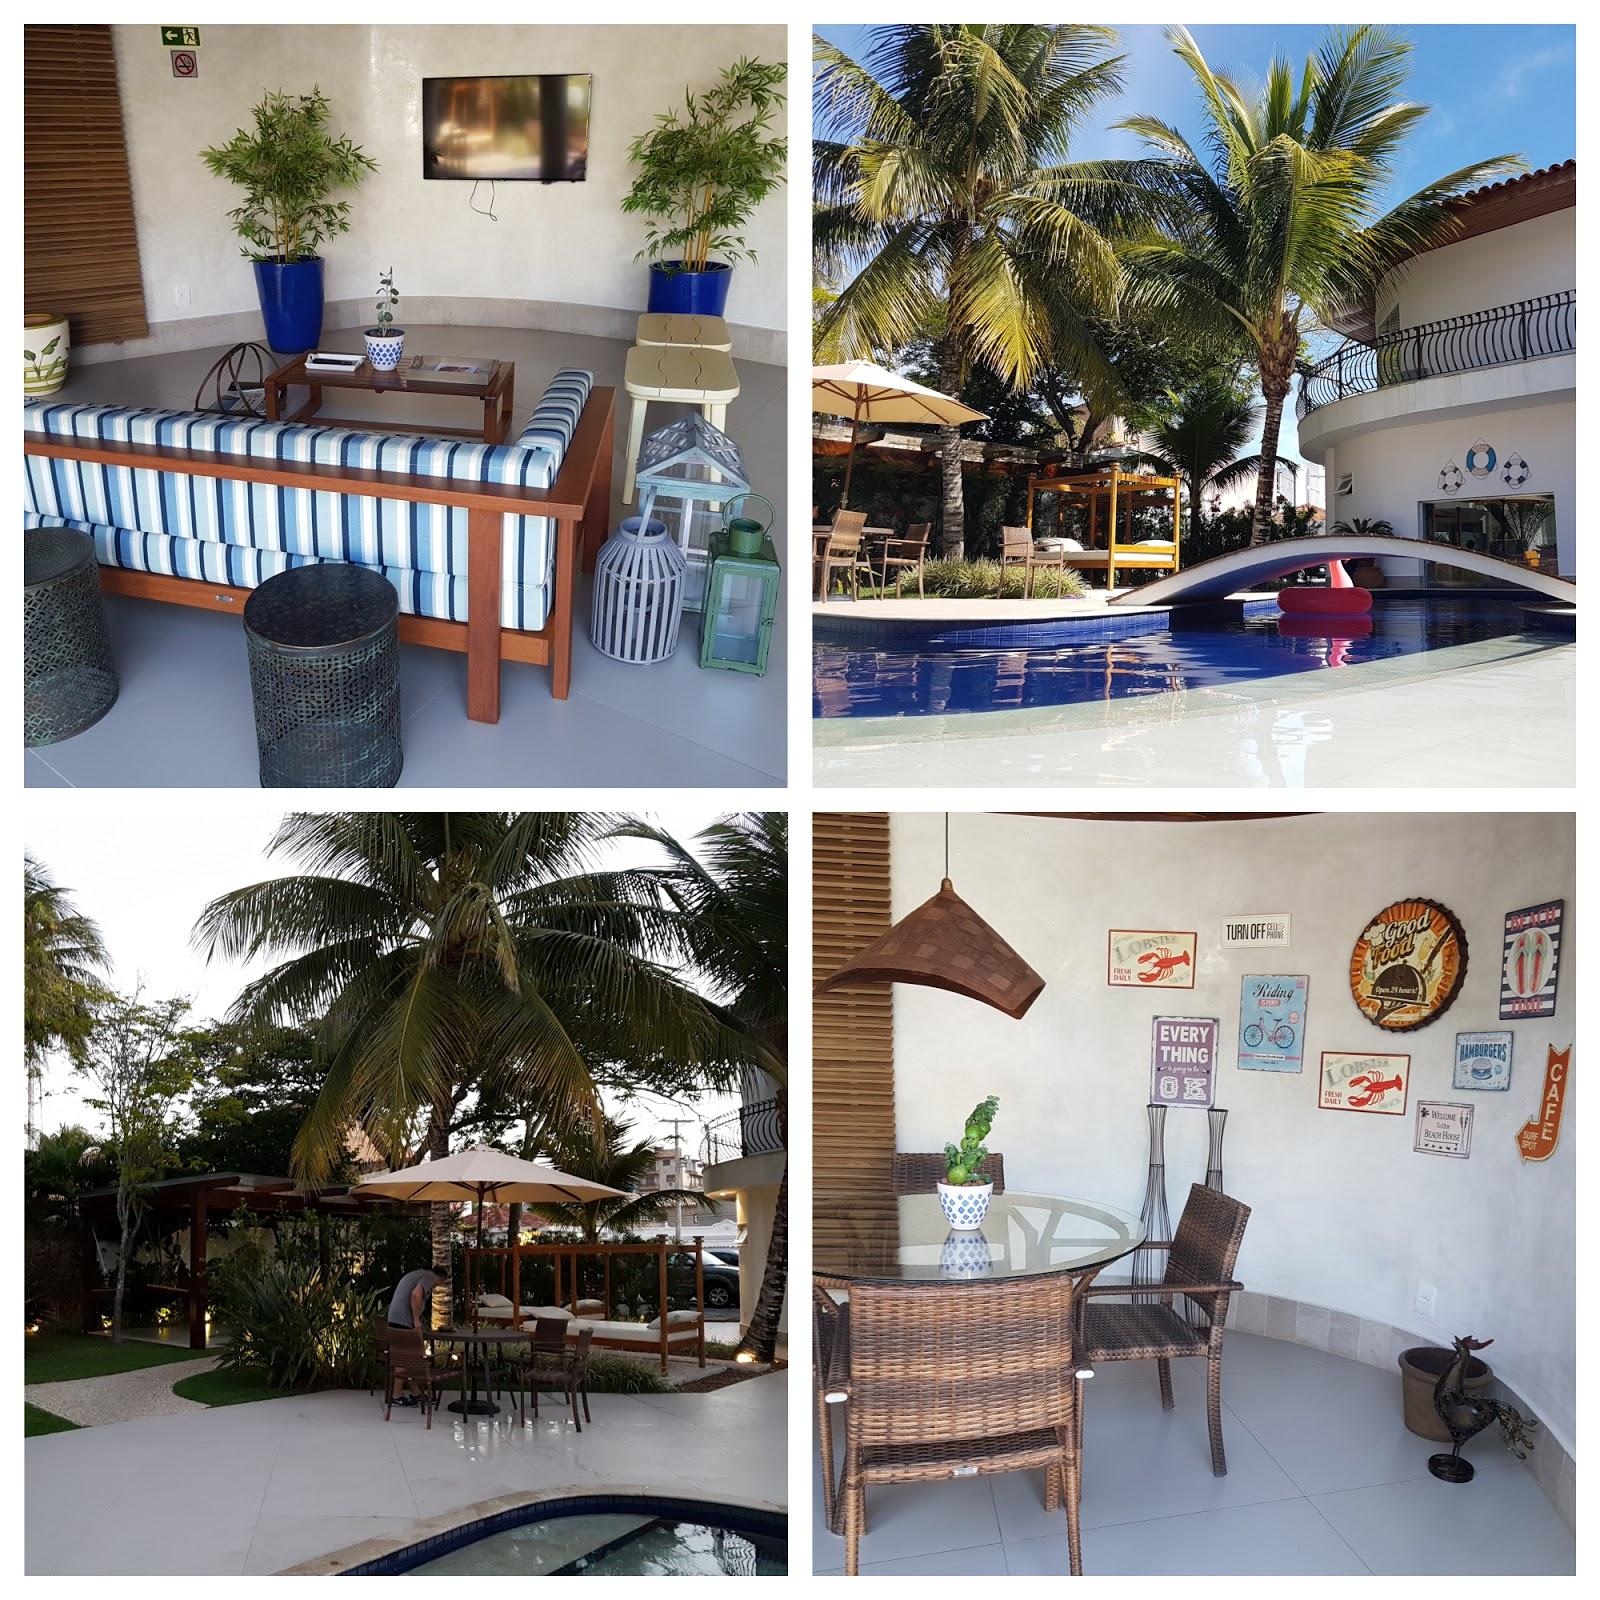 Hotel Boutique Recanto da Passagem,Cabo Frio, área de lazer.